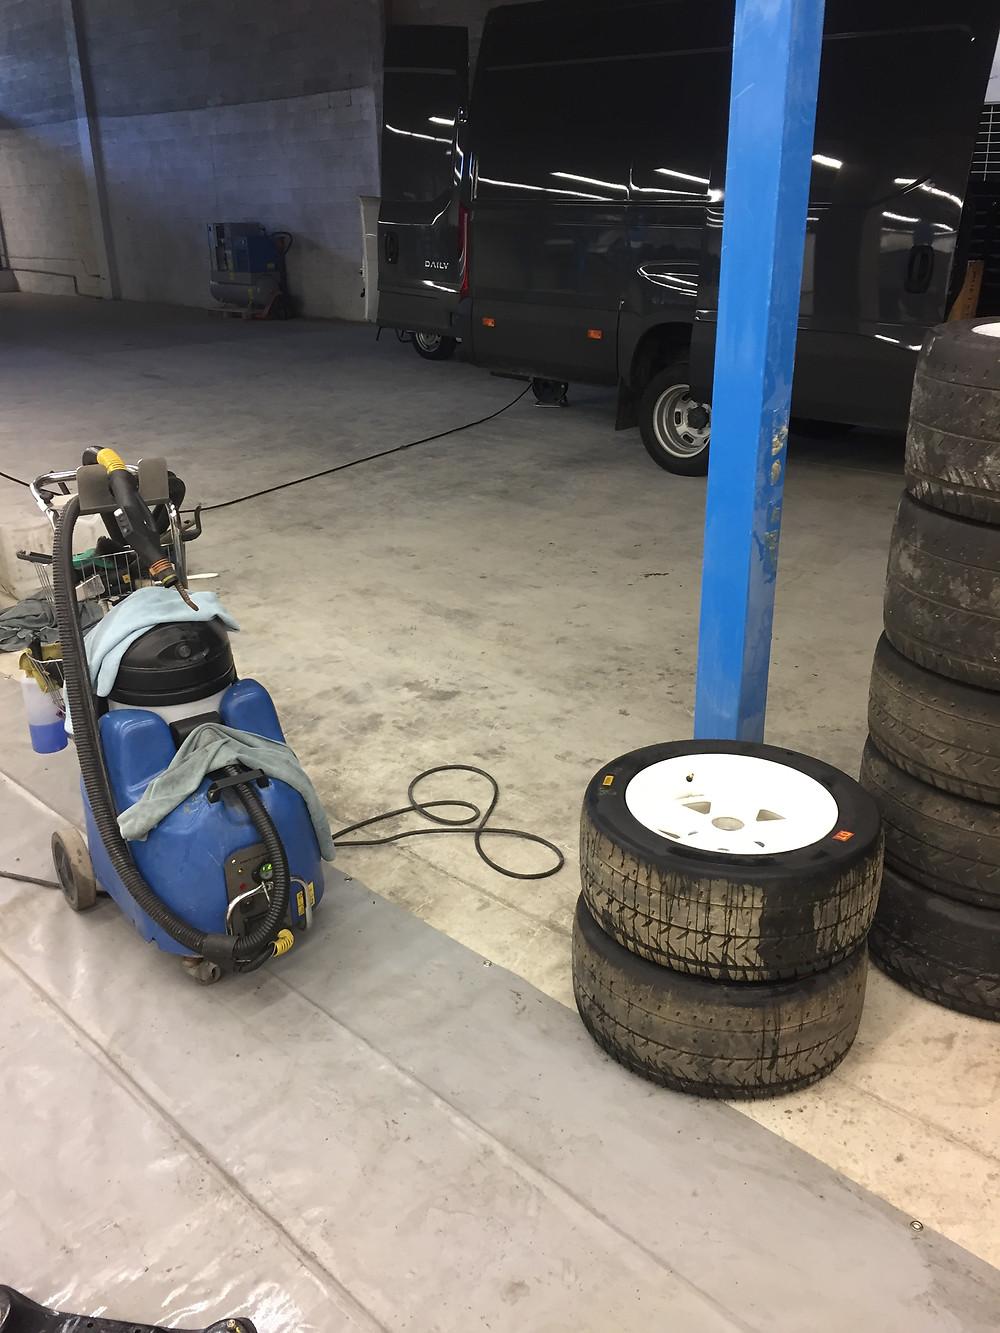 Nettoyage roues à la vapeur